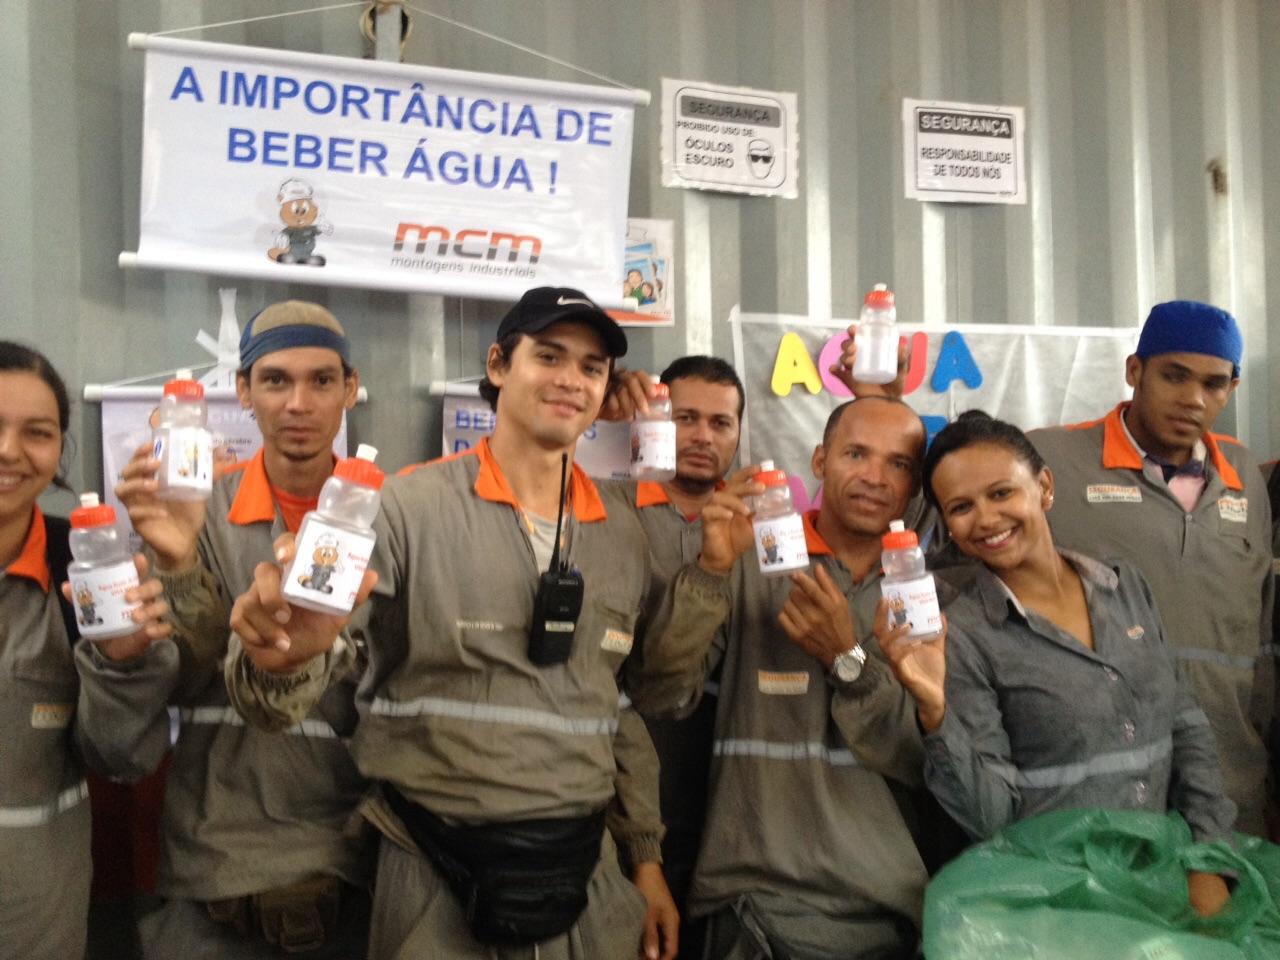 Ação 'A importância de beber água' na Obra Vard Promar